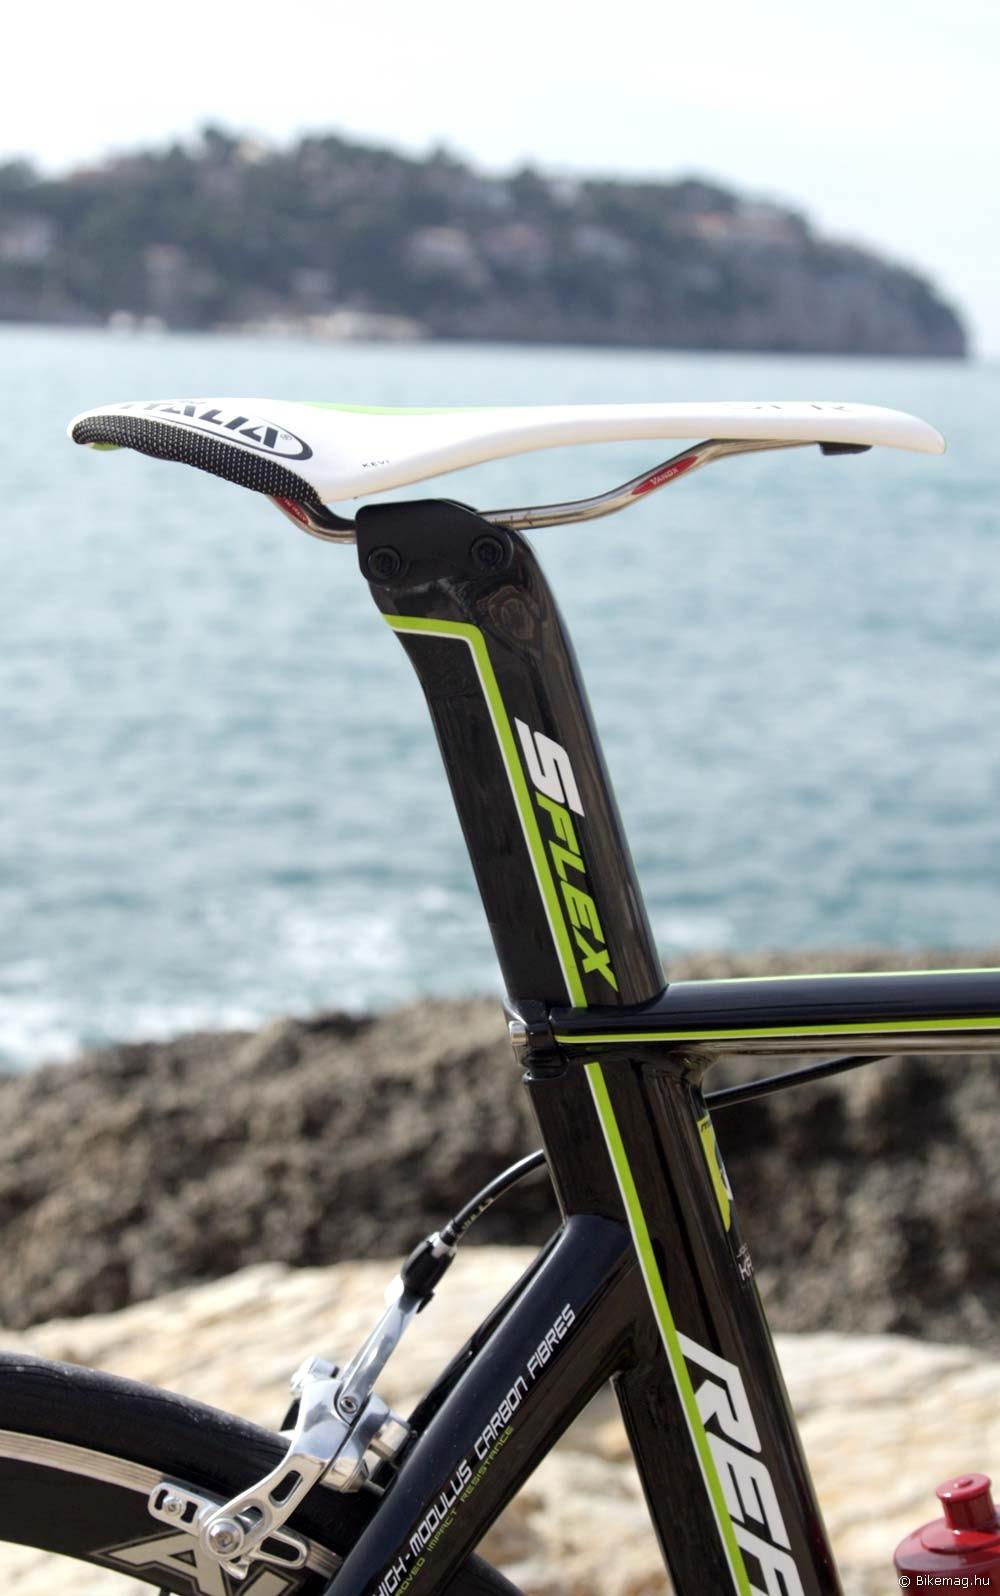 Merida Reacto Team 2012 kerékpárteszt: karakteres látványelem az aerodinamikus nyeregcső, melyen folytatódik a váz grafikája